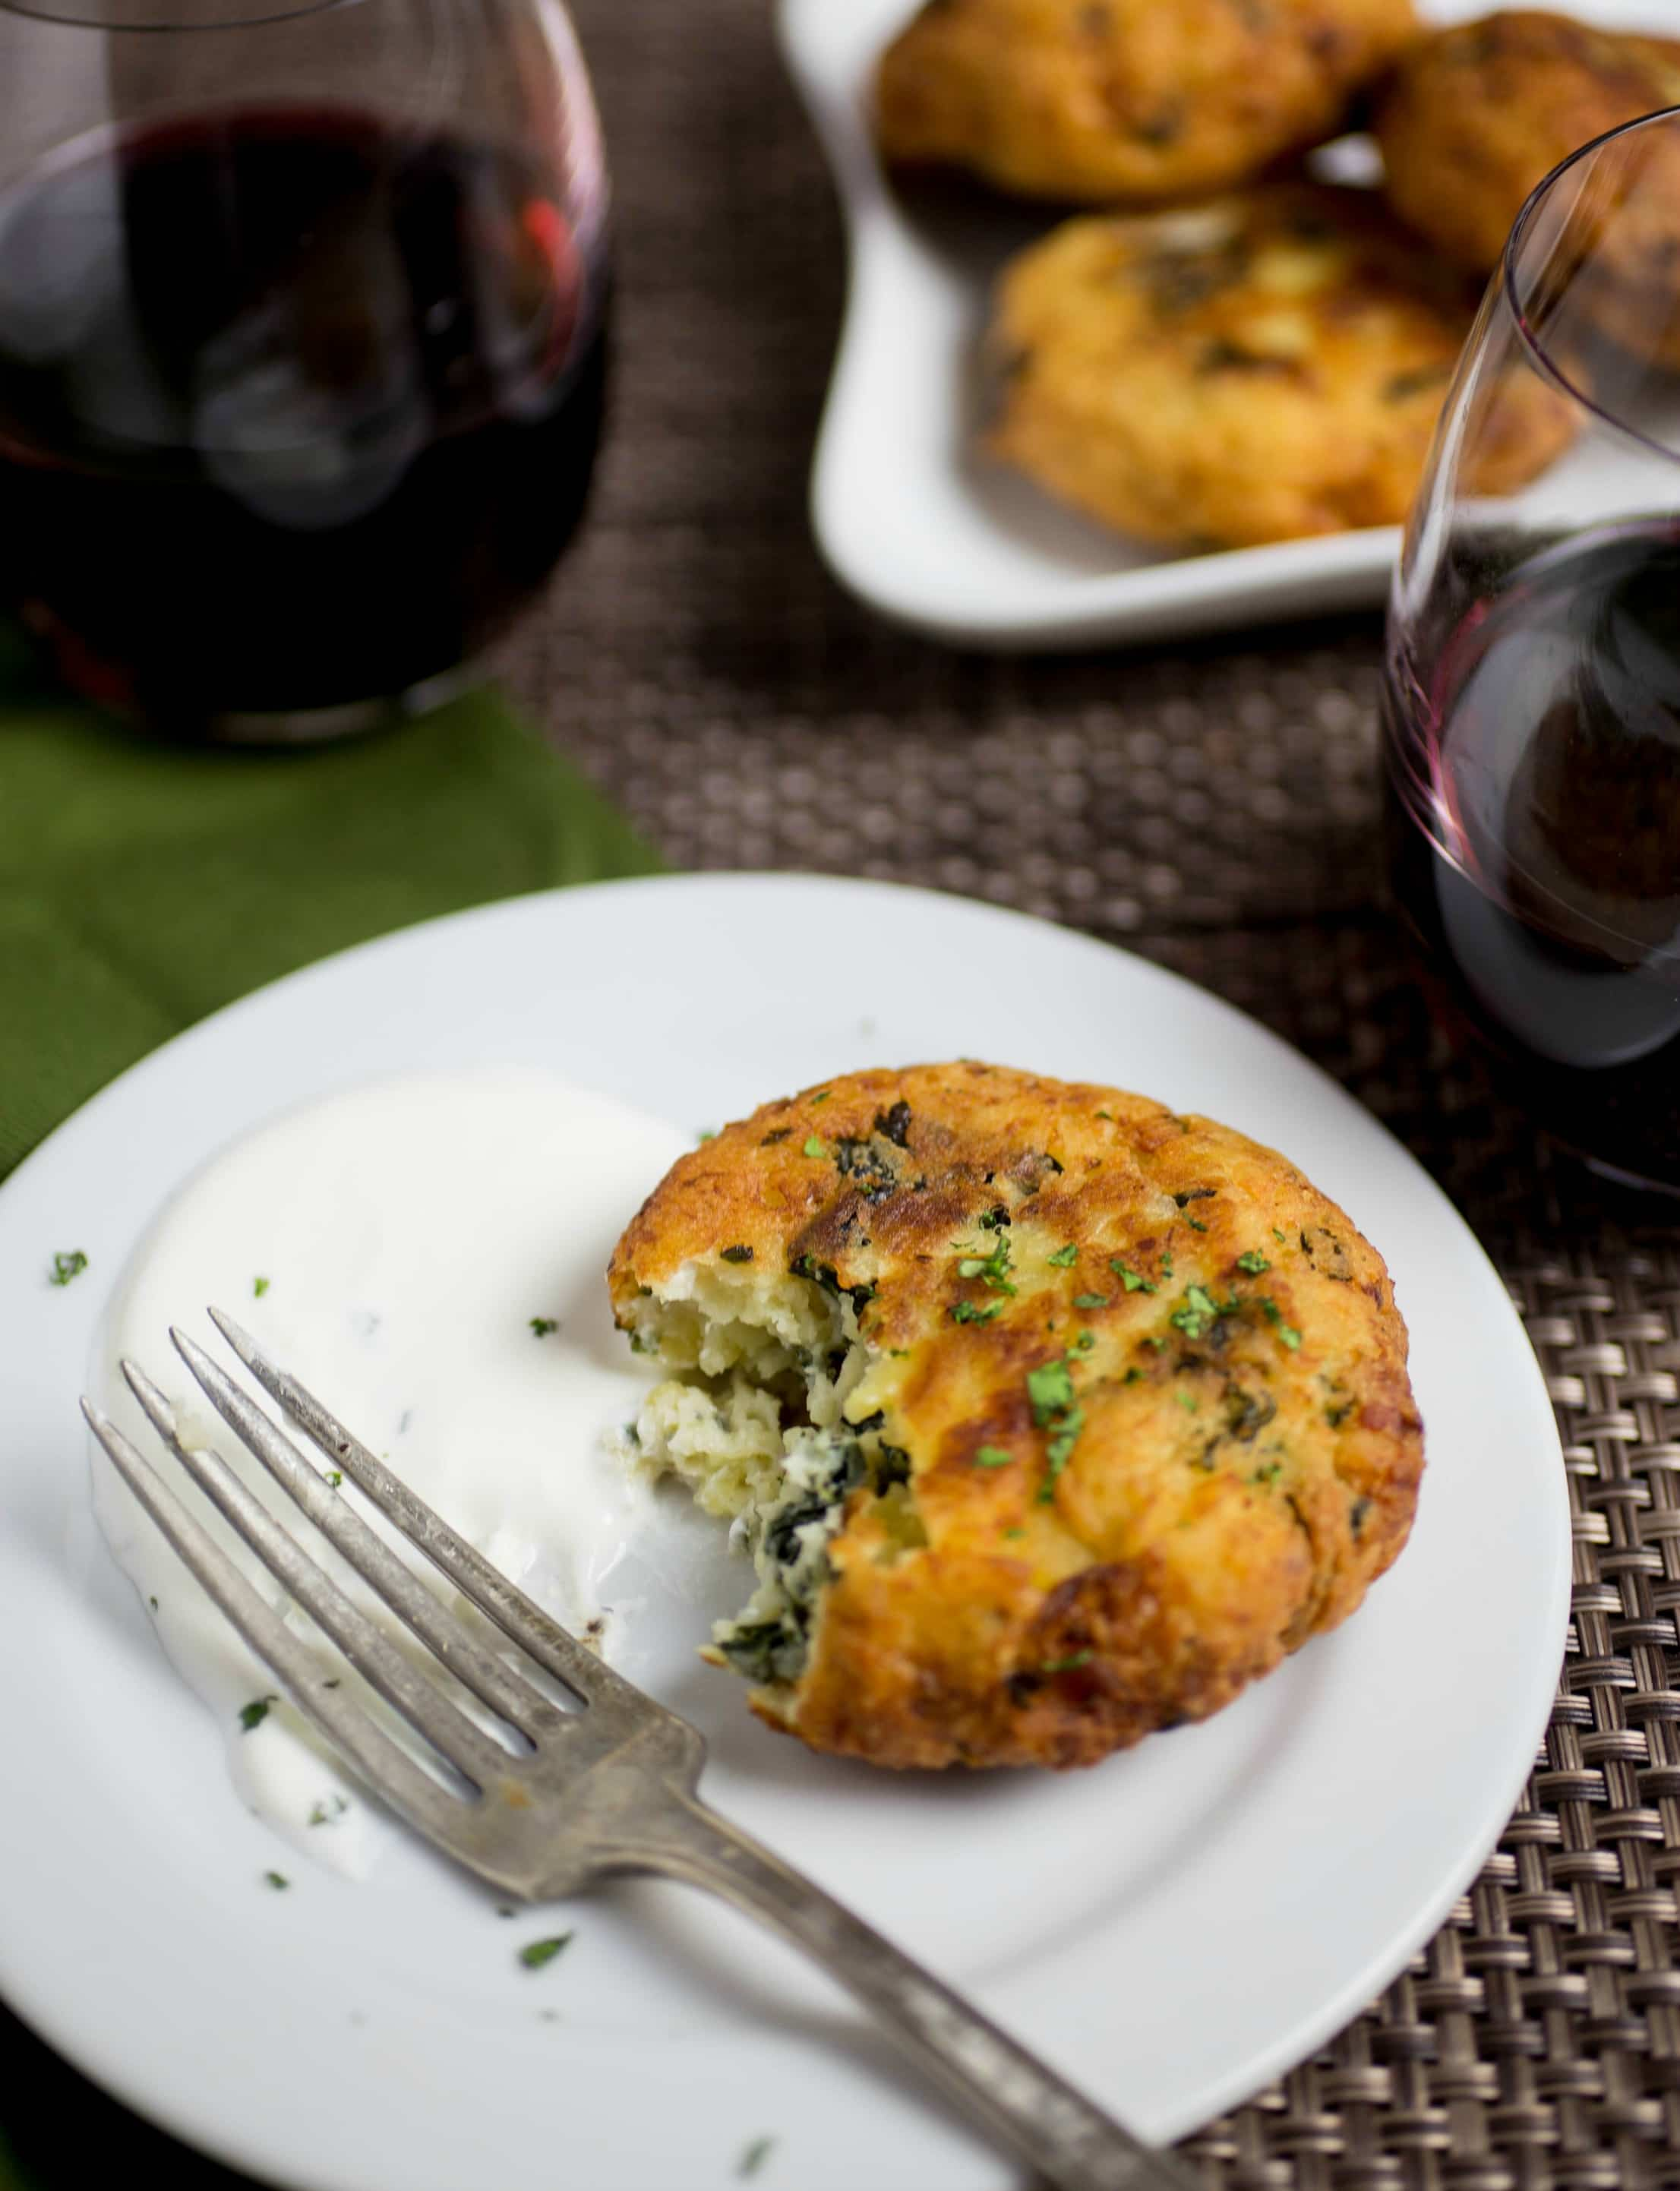 MashedPotatoPancakesCropped7 - Leftover Mashed Potato Pancakes Recipe